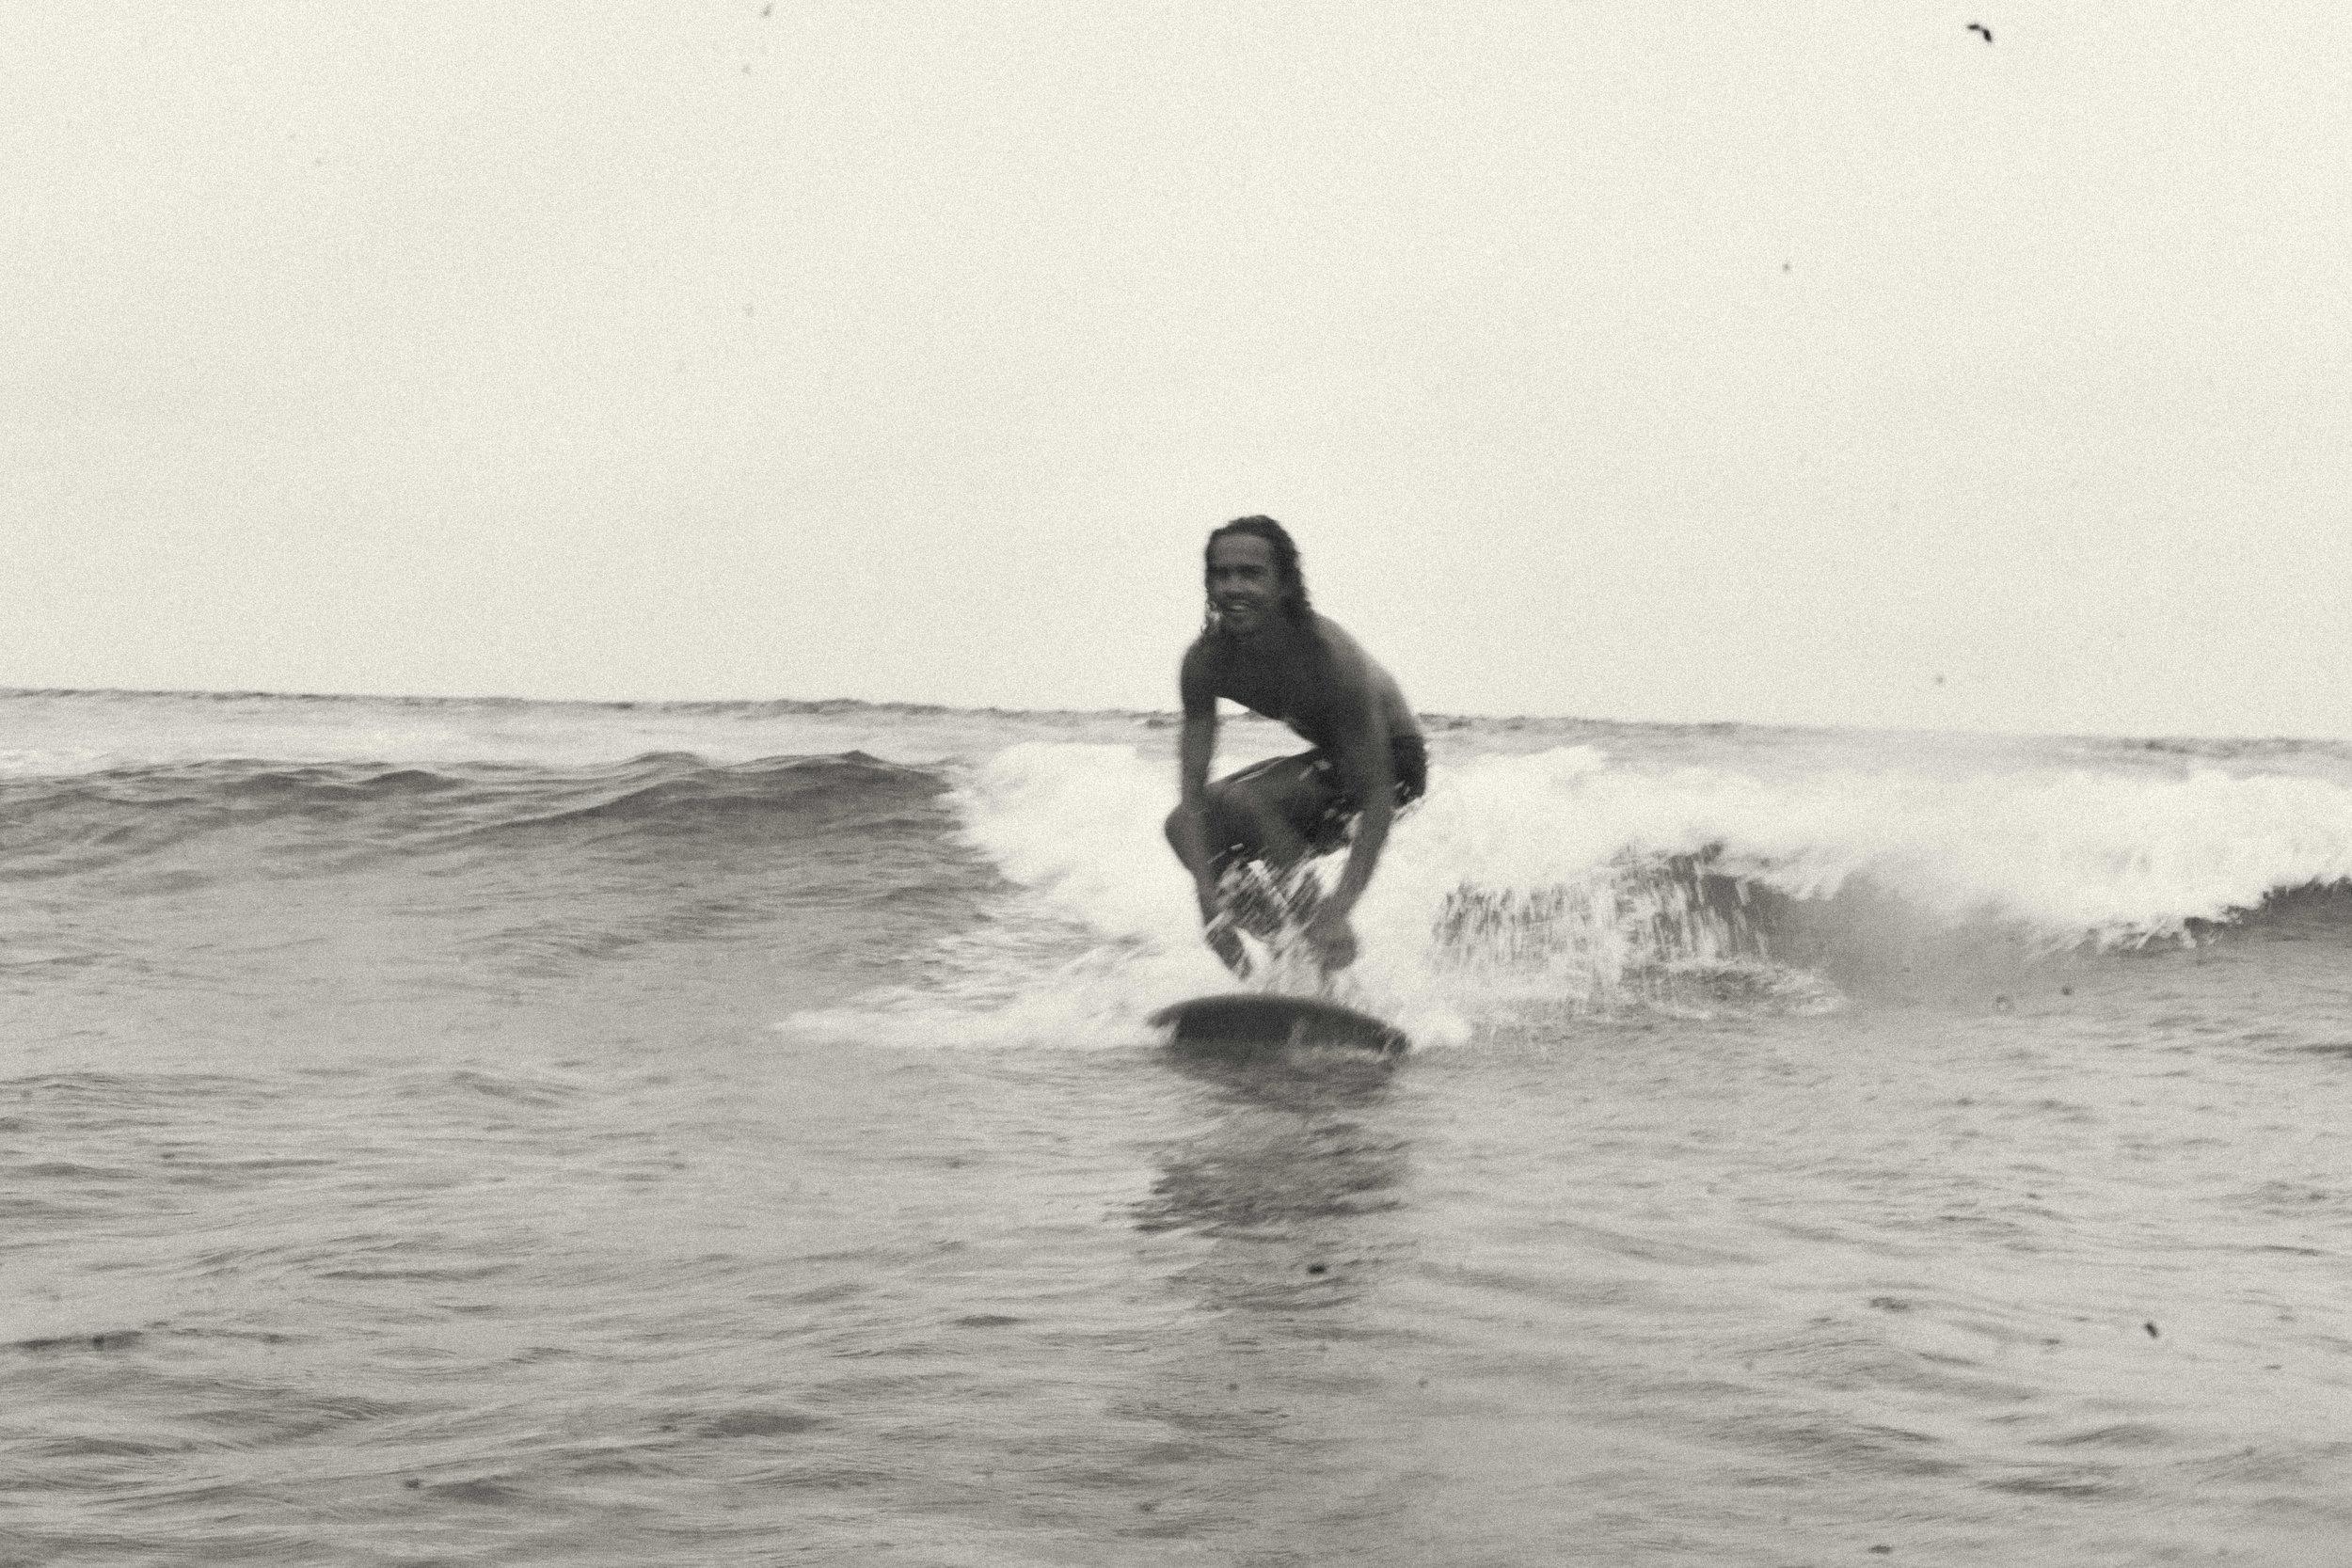 erik_winter_surf_surfing_2.jpg